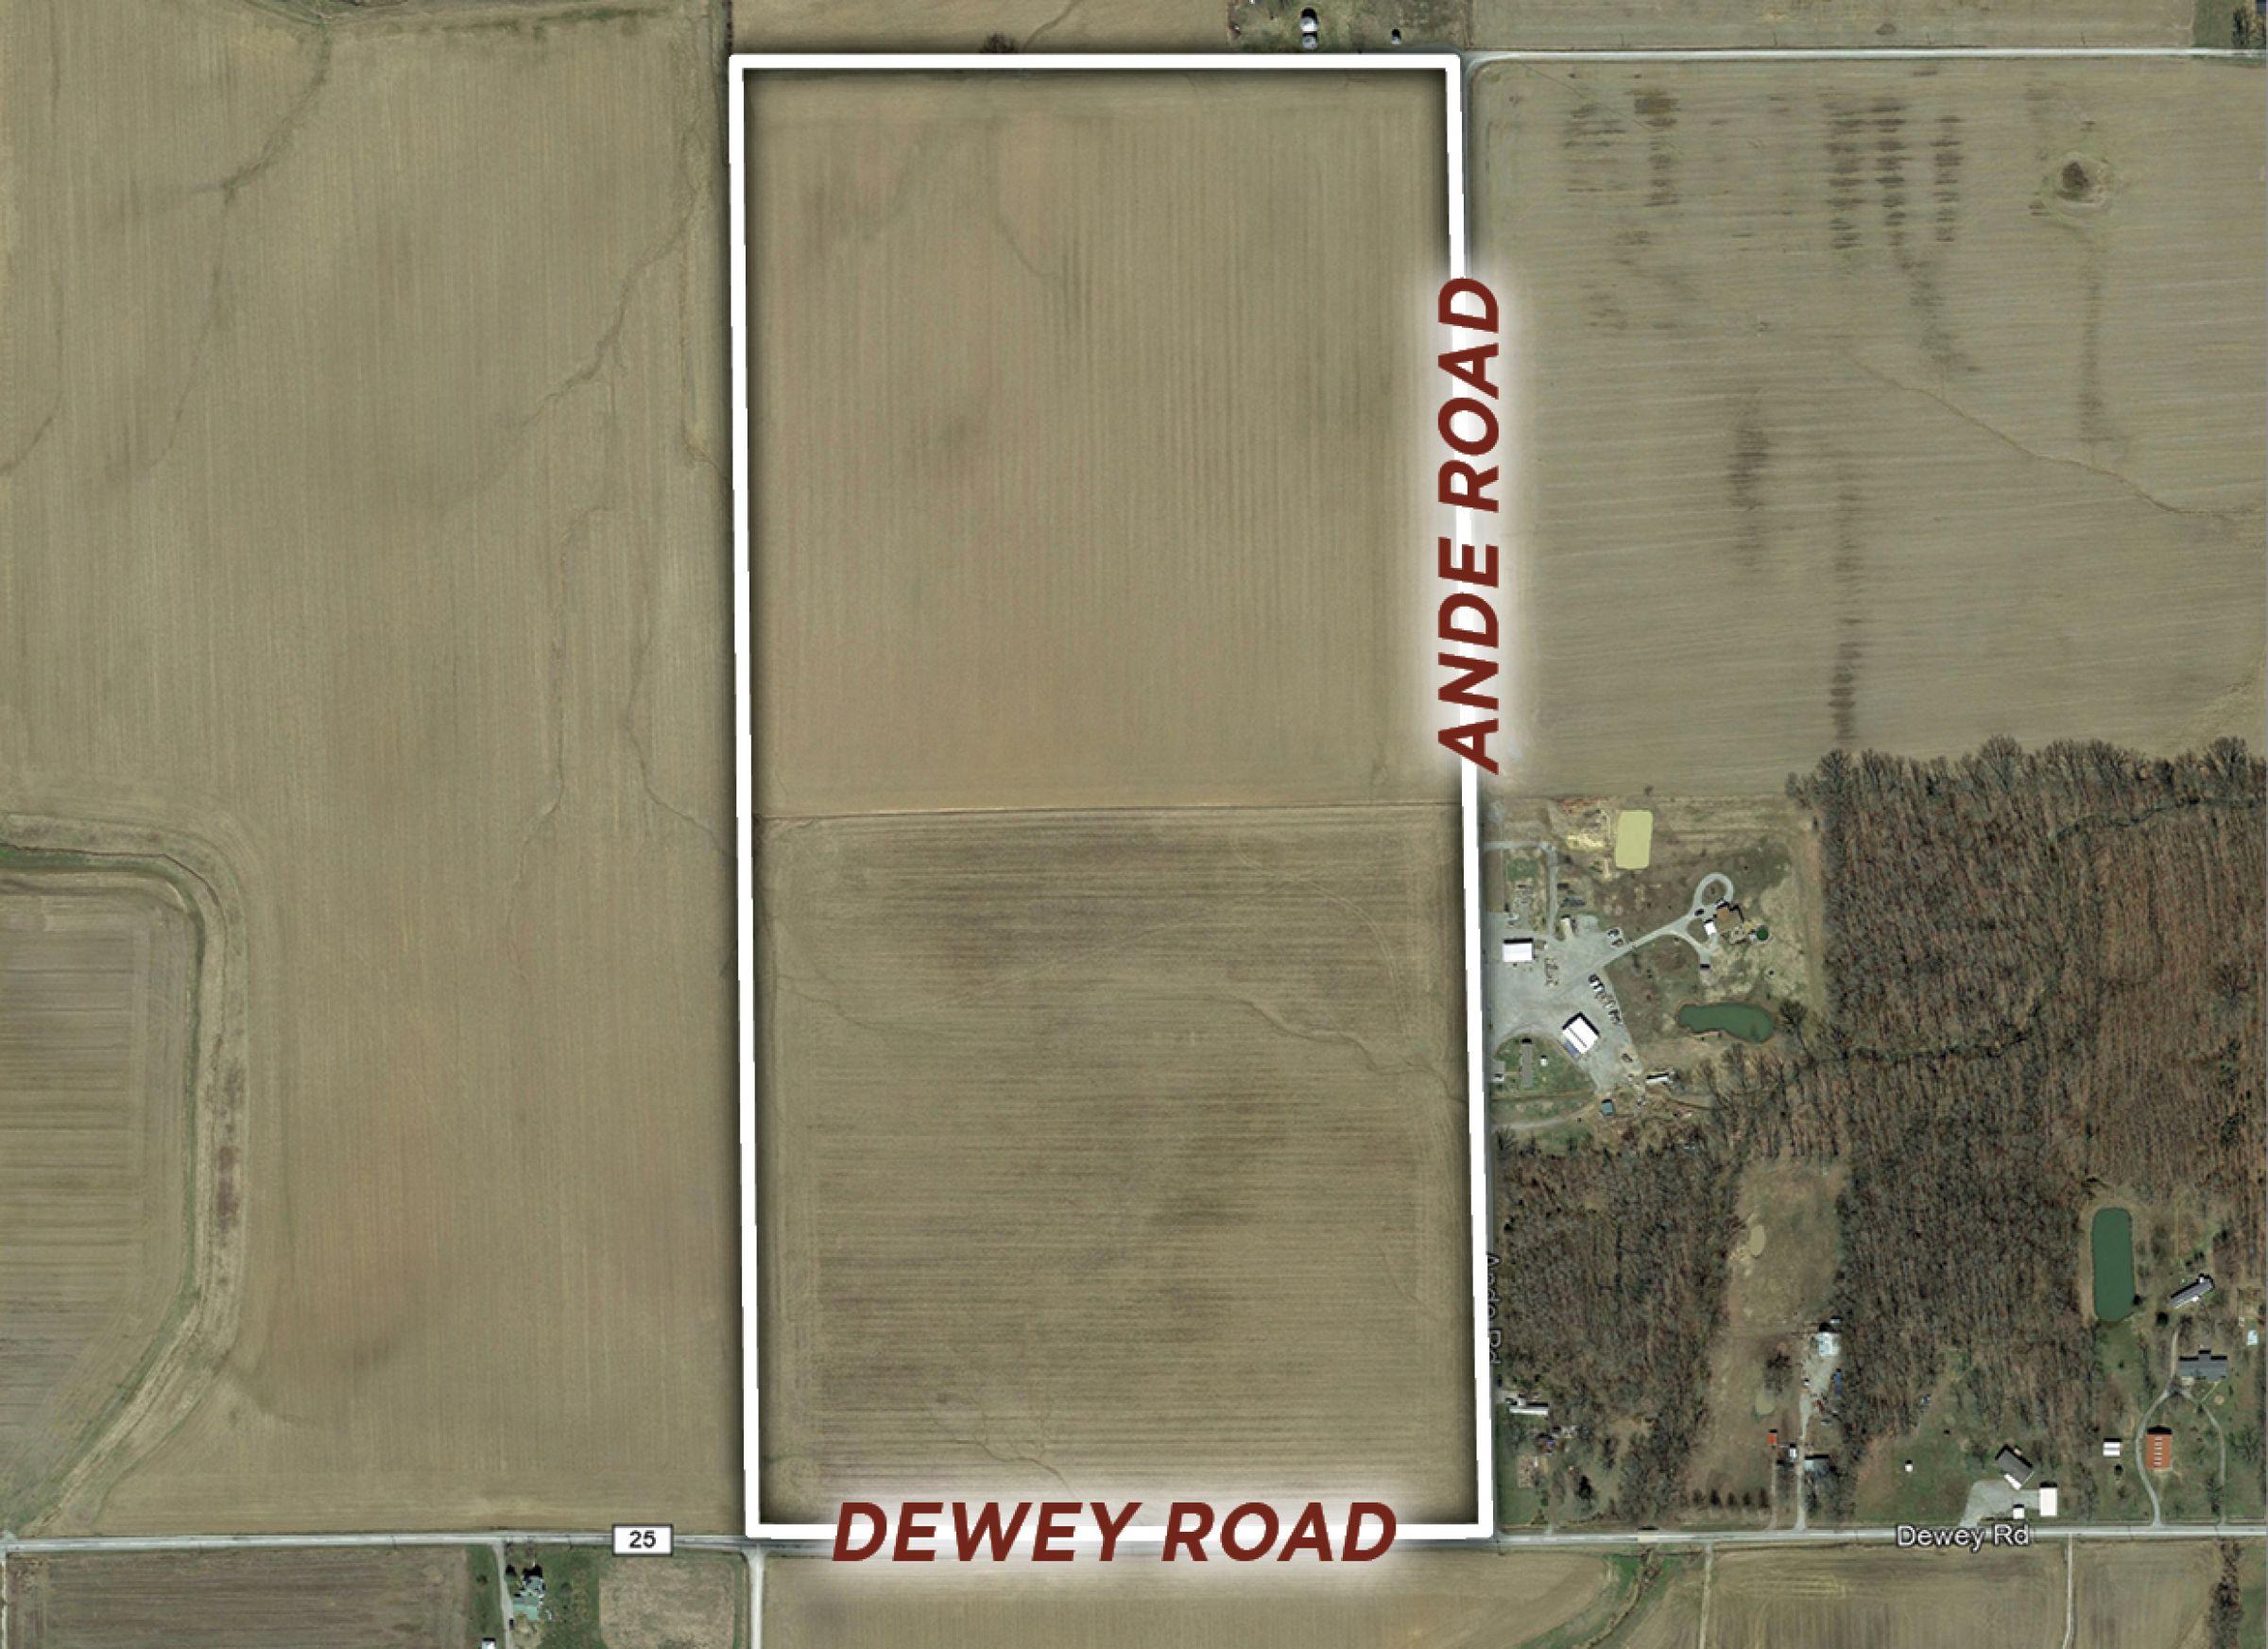 9-dewey-road-ande-road-harrisburg-62946-2-2020-10-15-153028.jpg